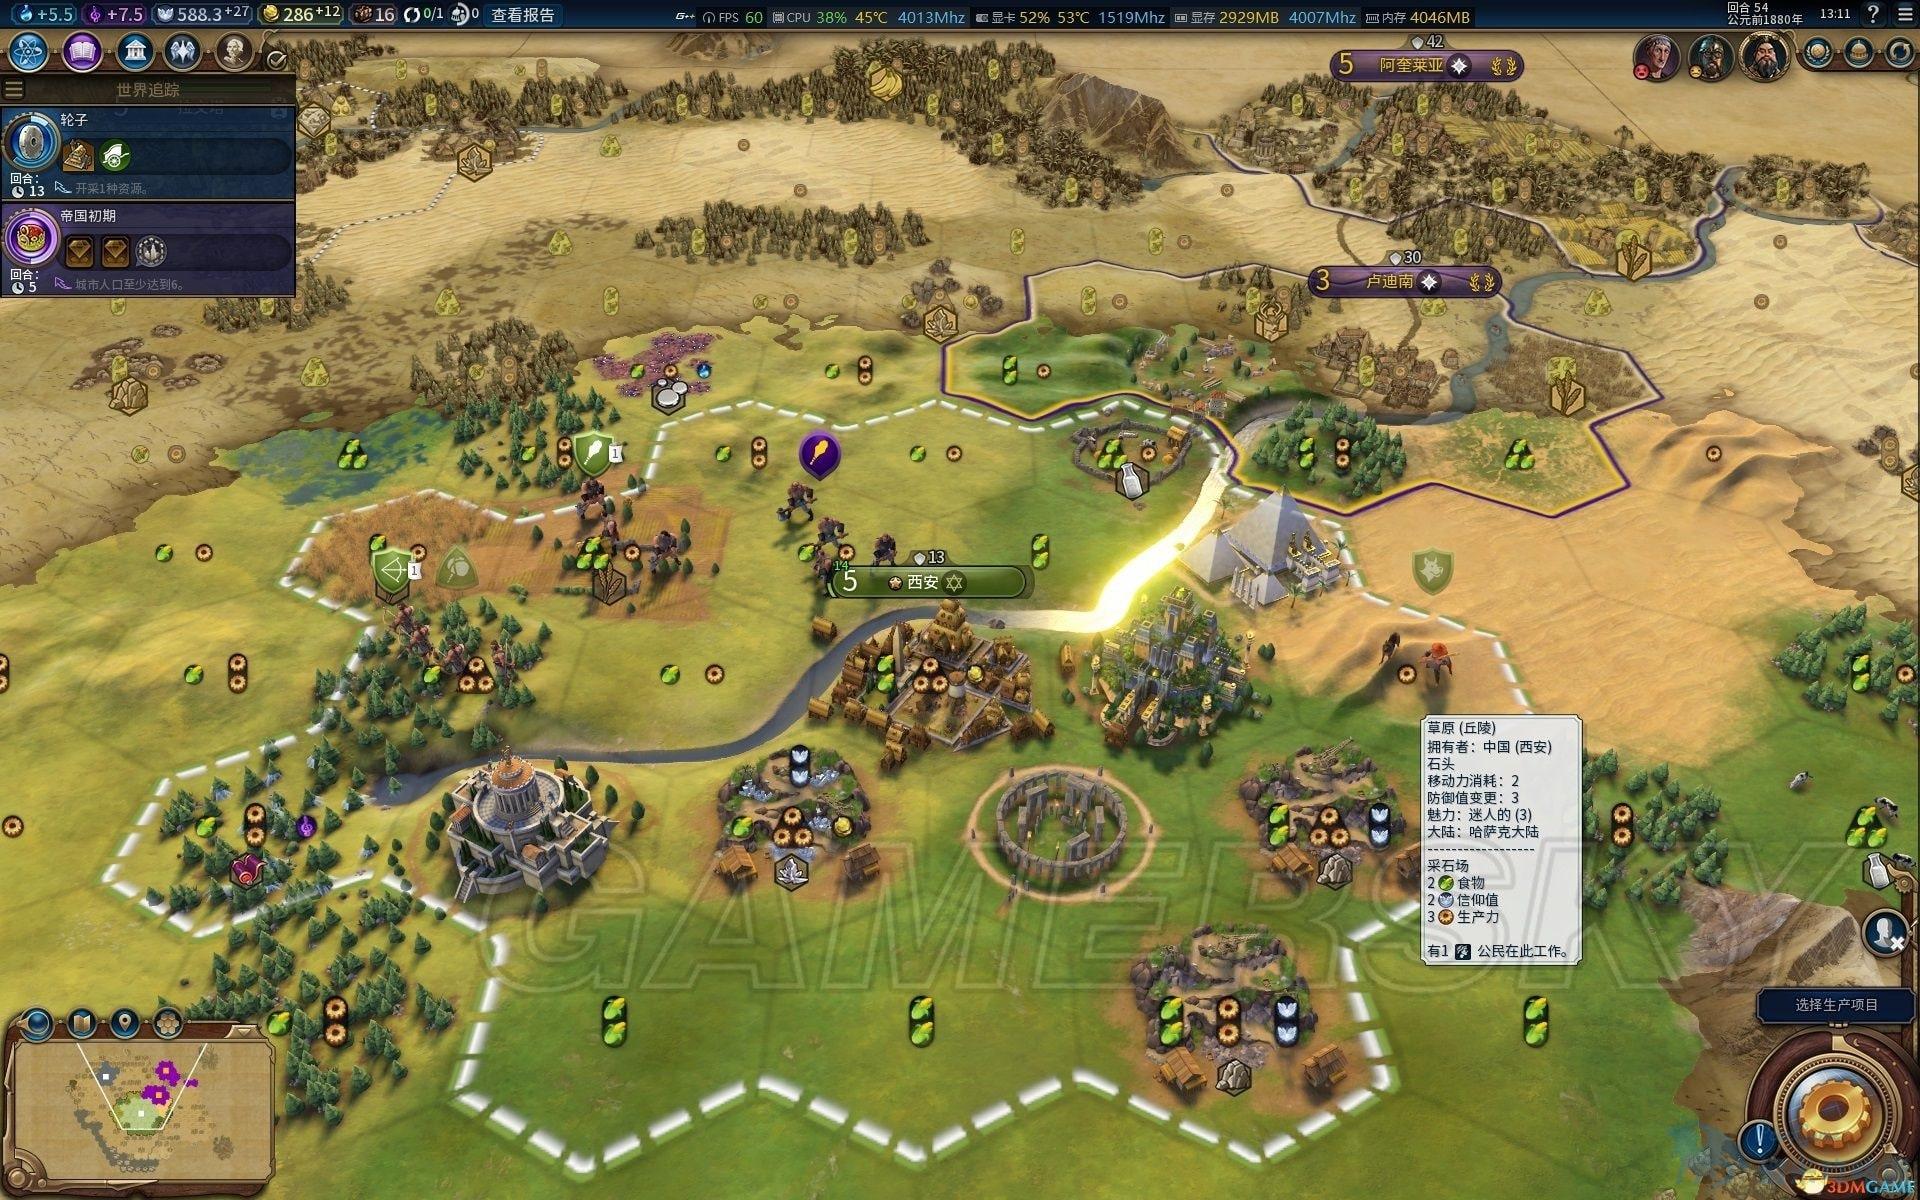 文明帝國 6 神級難度四大奇迹開局攻略